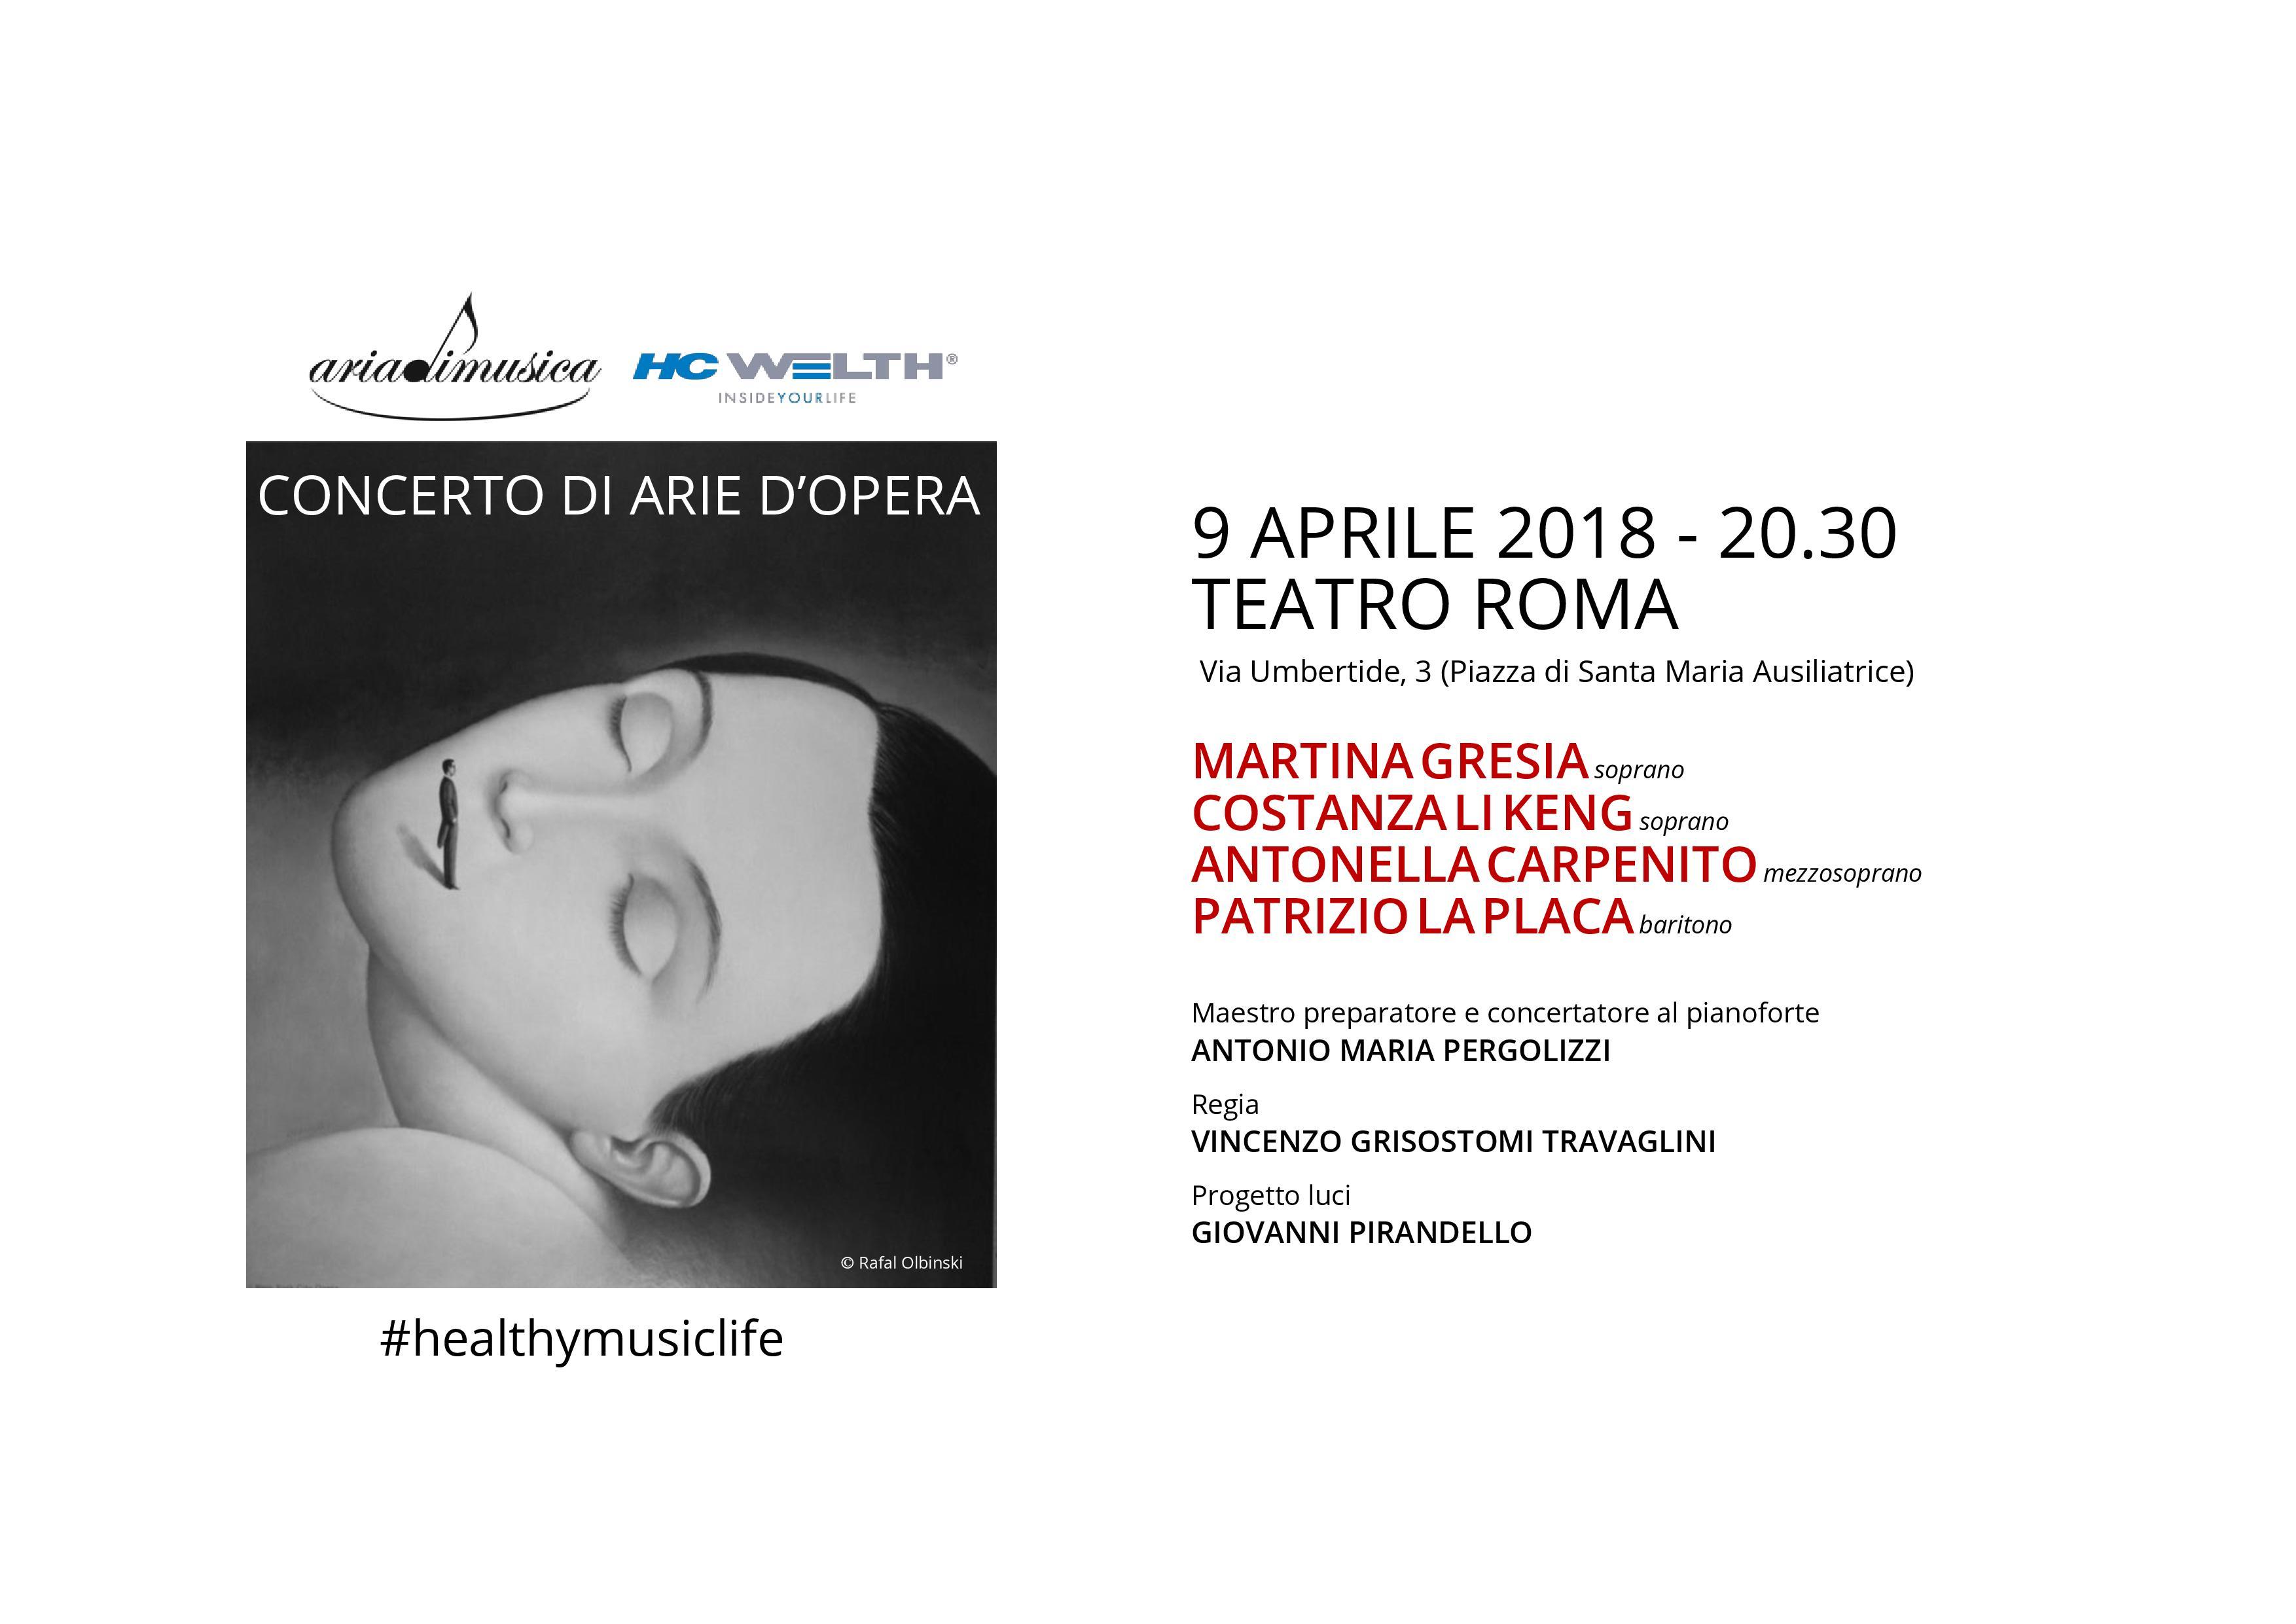 Concerto al Teatro Roma 9 aprile 2018 #healthymusiclife